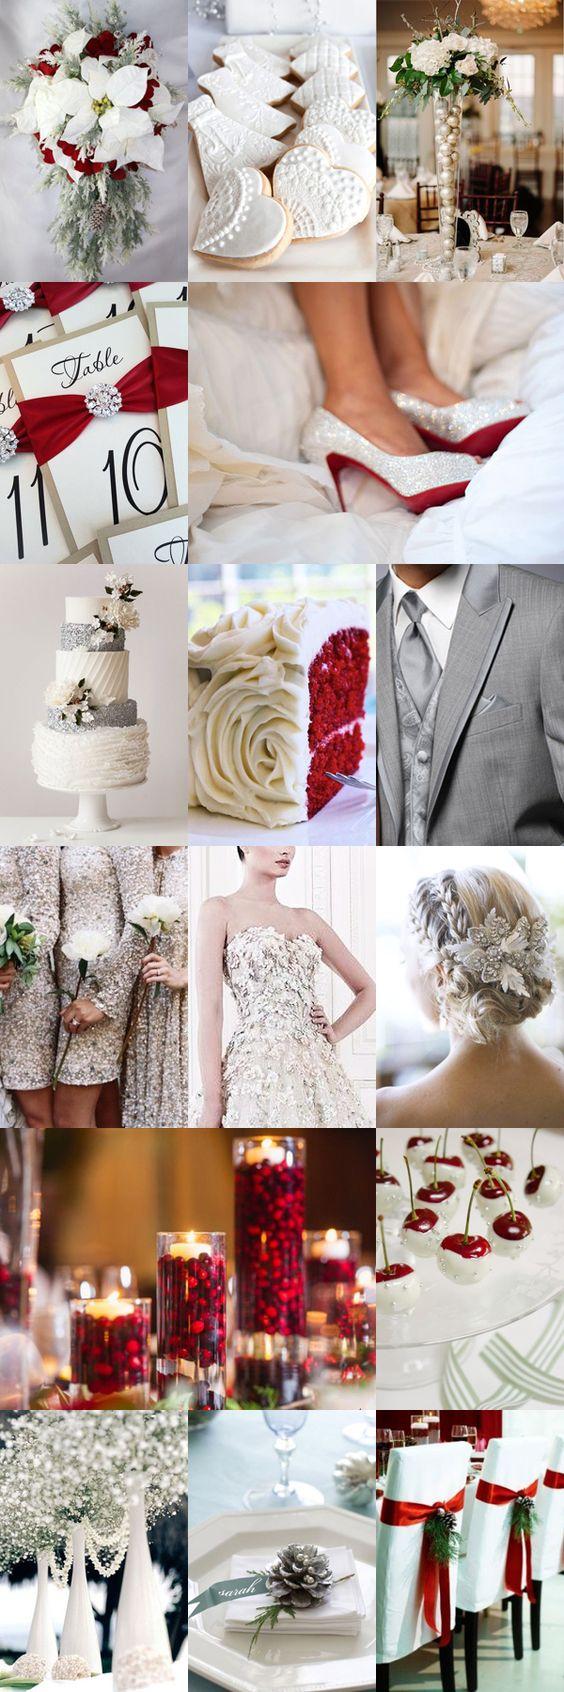 Matrimonio Tema Natalizio : Matrimonio a tema natalizio organizzazione